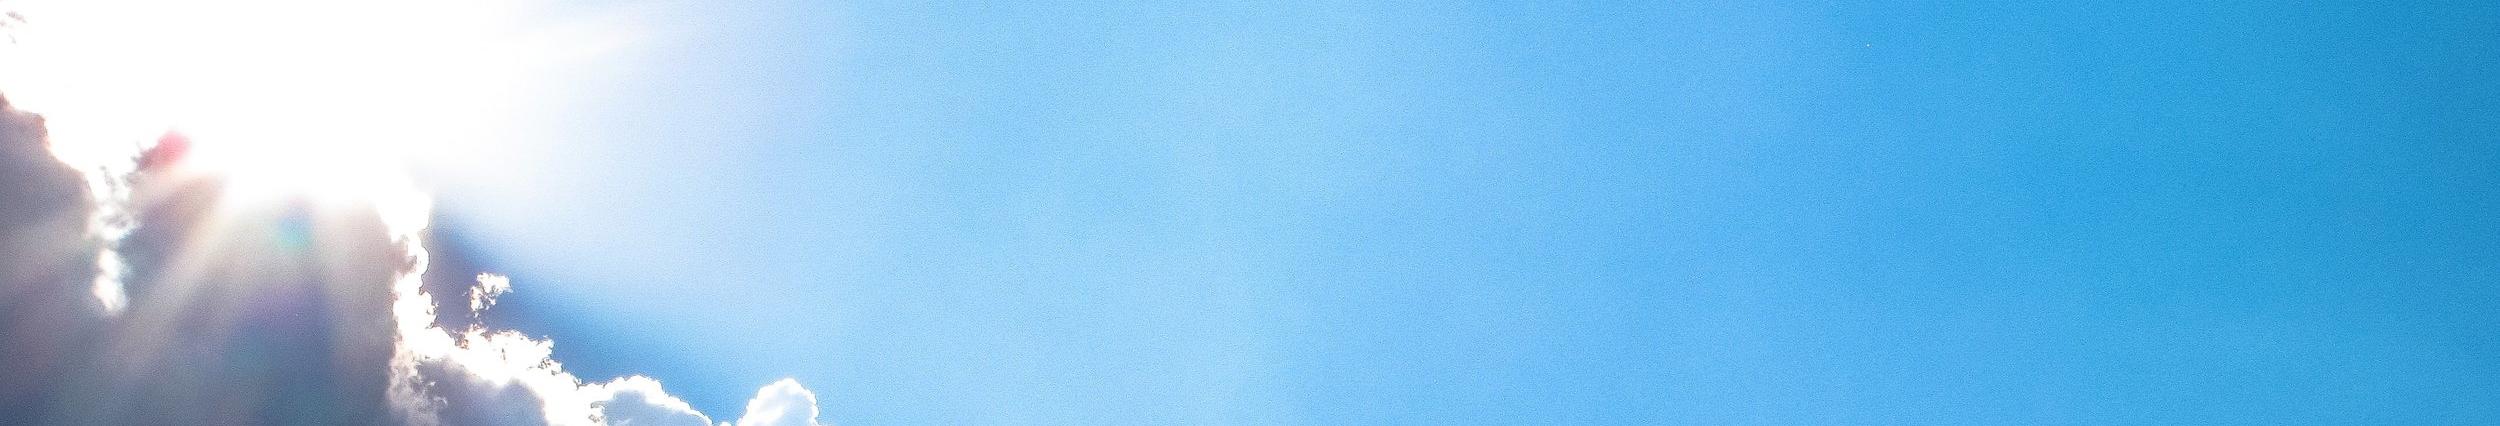 blue-clouds-nature-97558.jpg